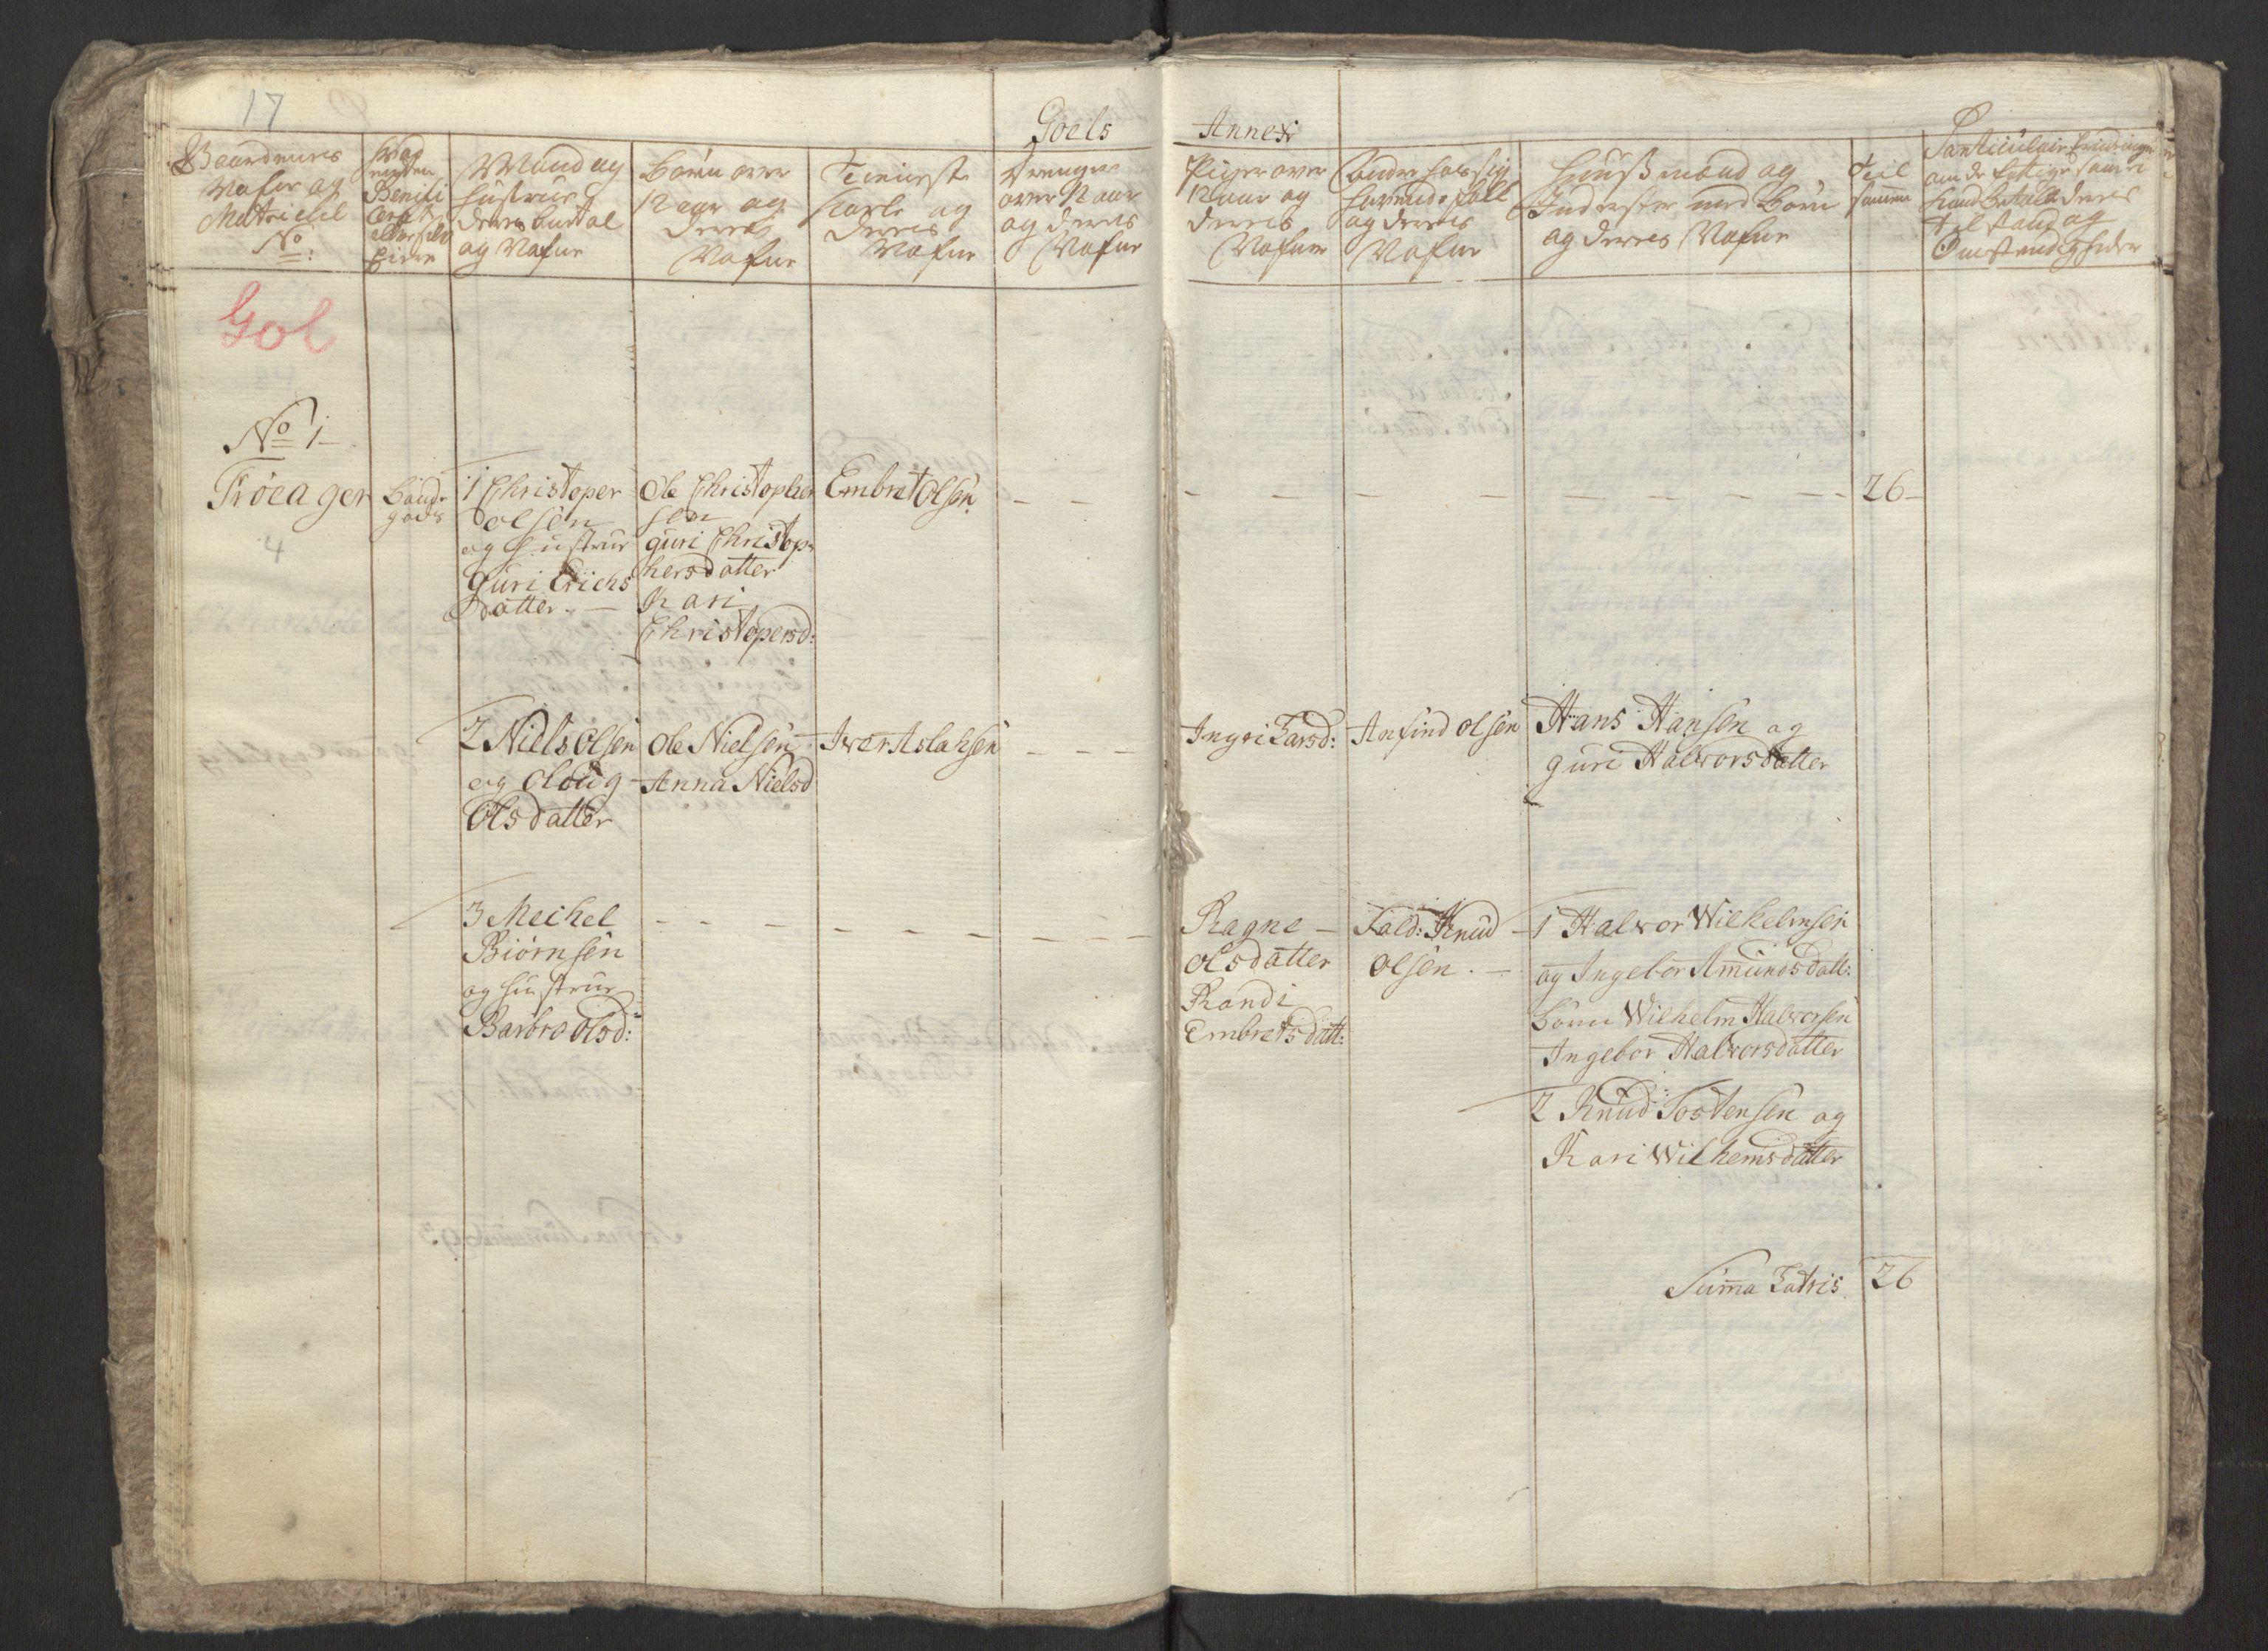 RA, Rentekammeret inntil 1814, Reviderte regnskaper, Fogderegnskap, R23/L1565: Ekstraskatten Ringerike og Hallingdal, 1762-1763, s. 139